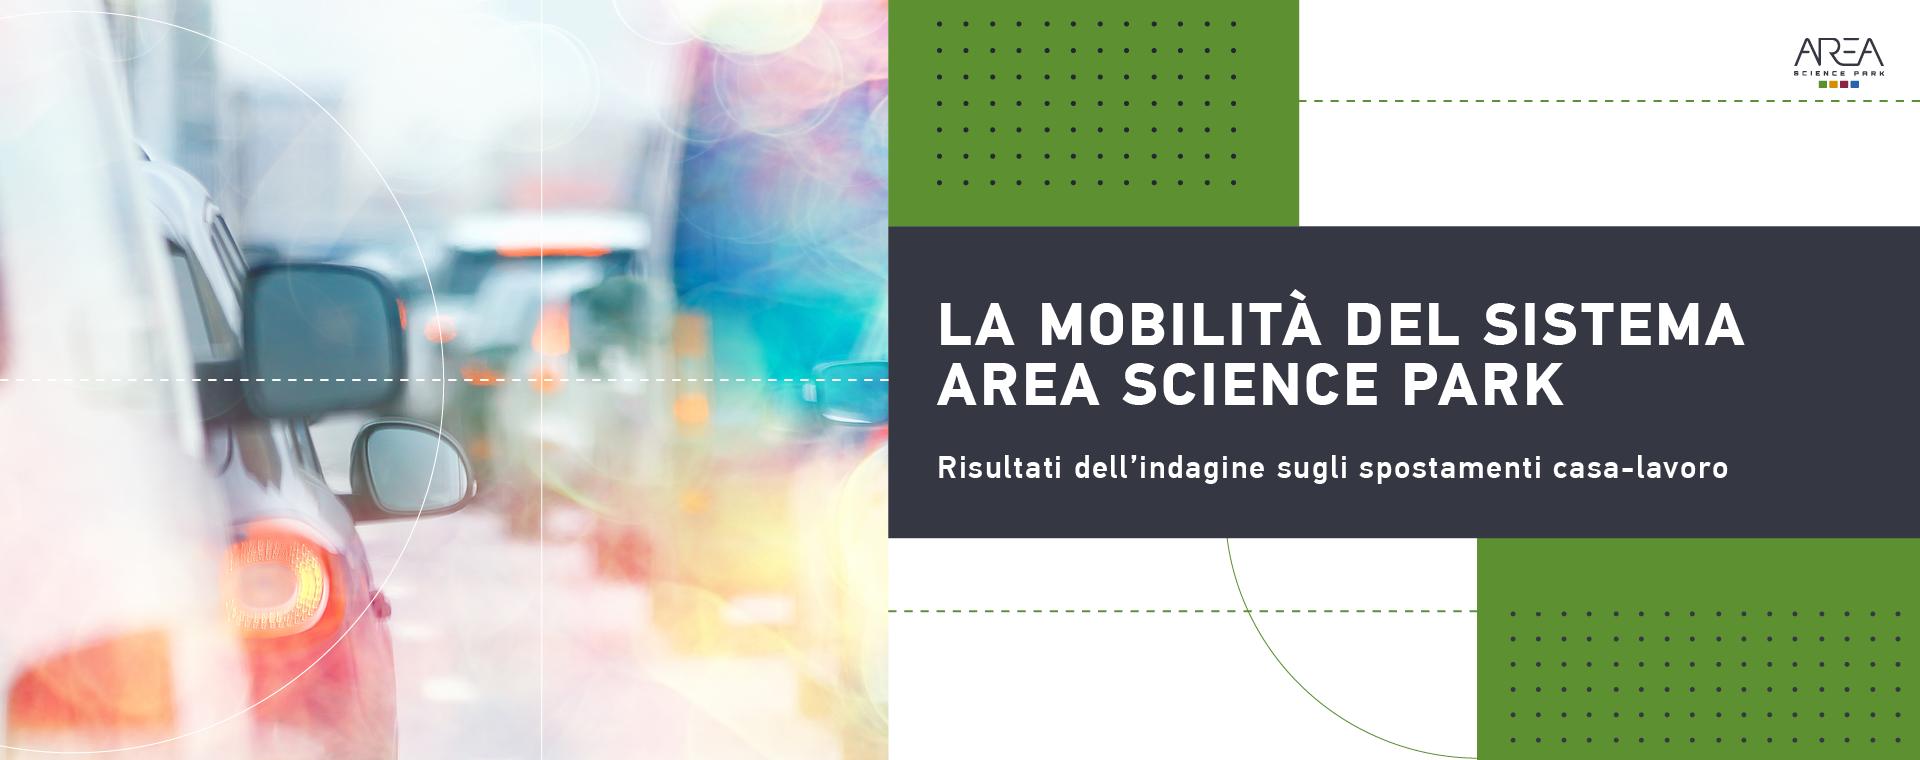 La mobilità del Sistema Area Science Park